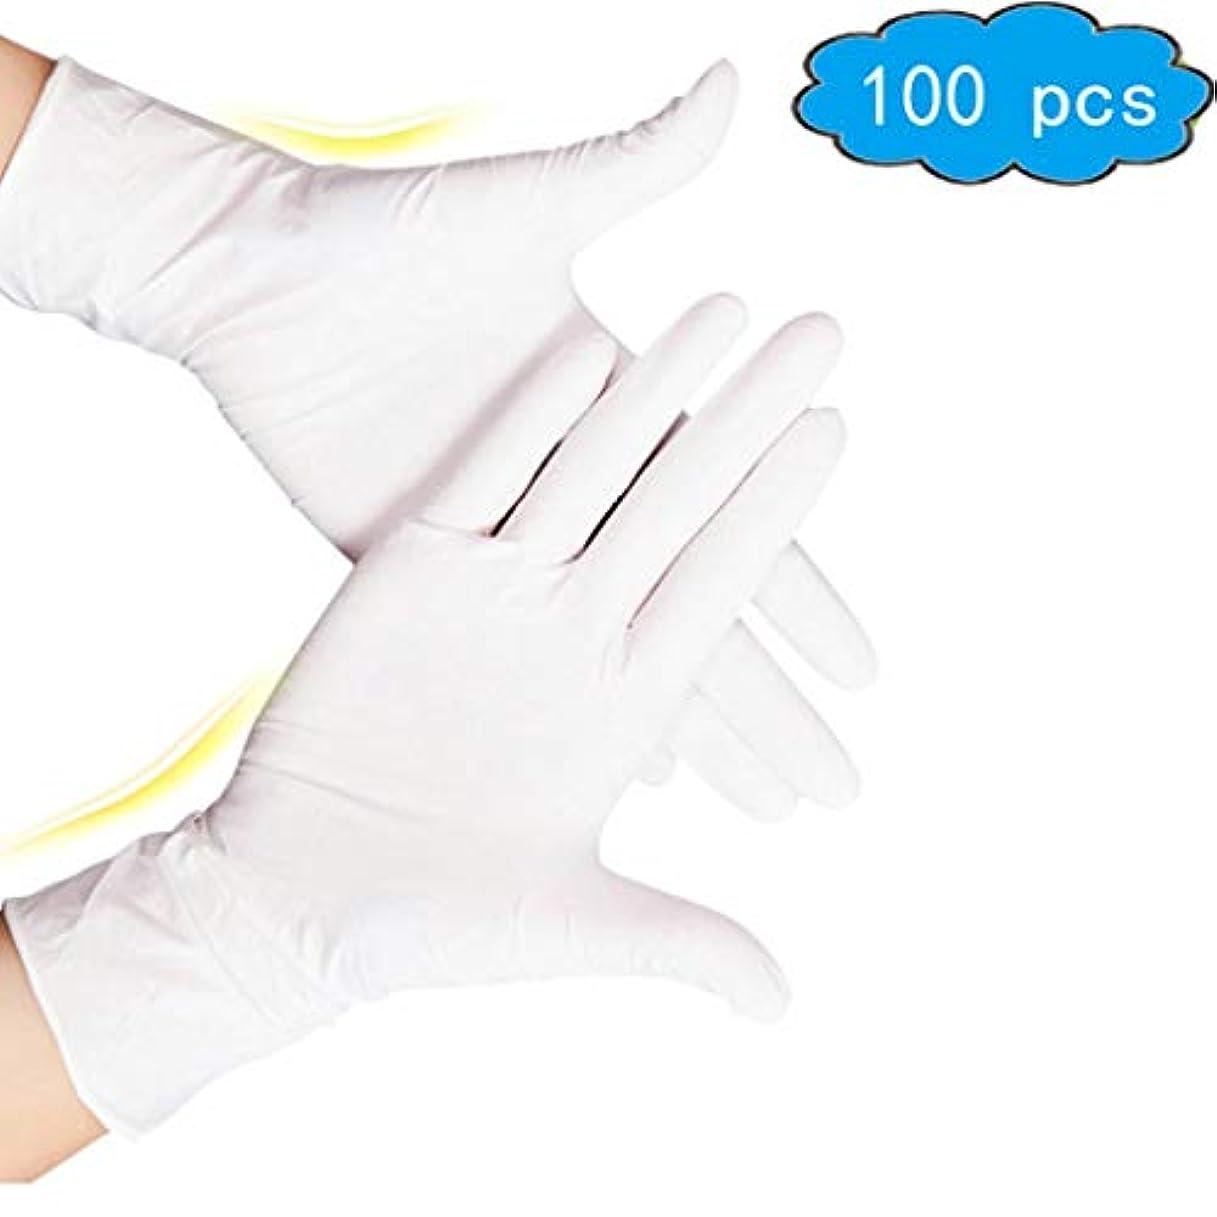 すべき誠実さプロジェクター使い捨てニトリル手袋、ノーパウダー、ラテックスアレルギー対策済みの多機能ヘビーデューティスーパーストロング、手袋を清掃、食品グレードキッチン手袋(100箱)、衛生手袋、応急処置用品 (Color : White, Size...